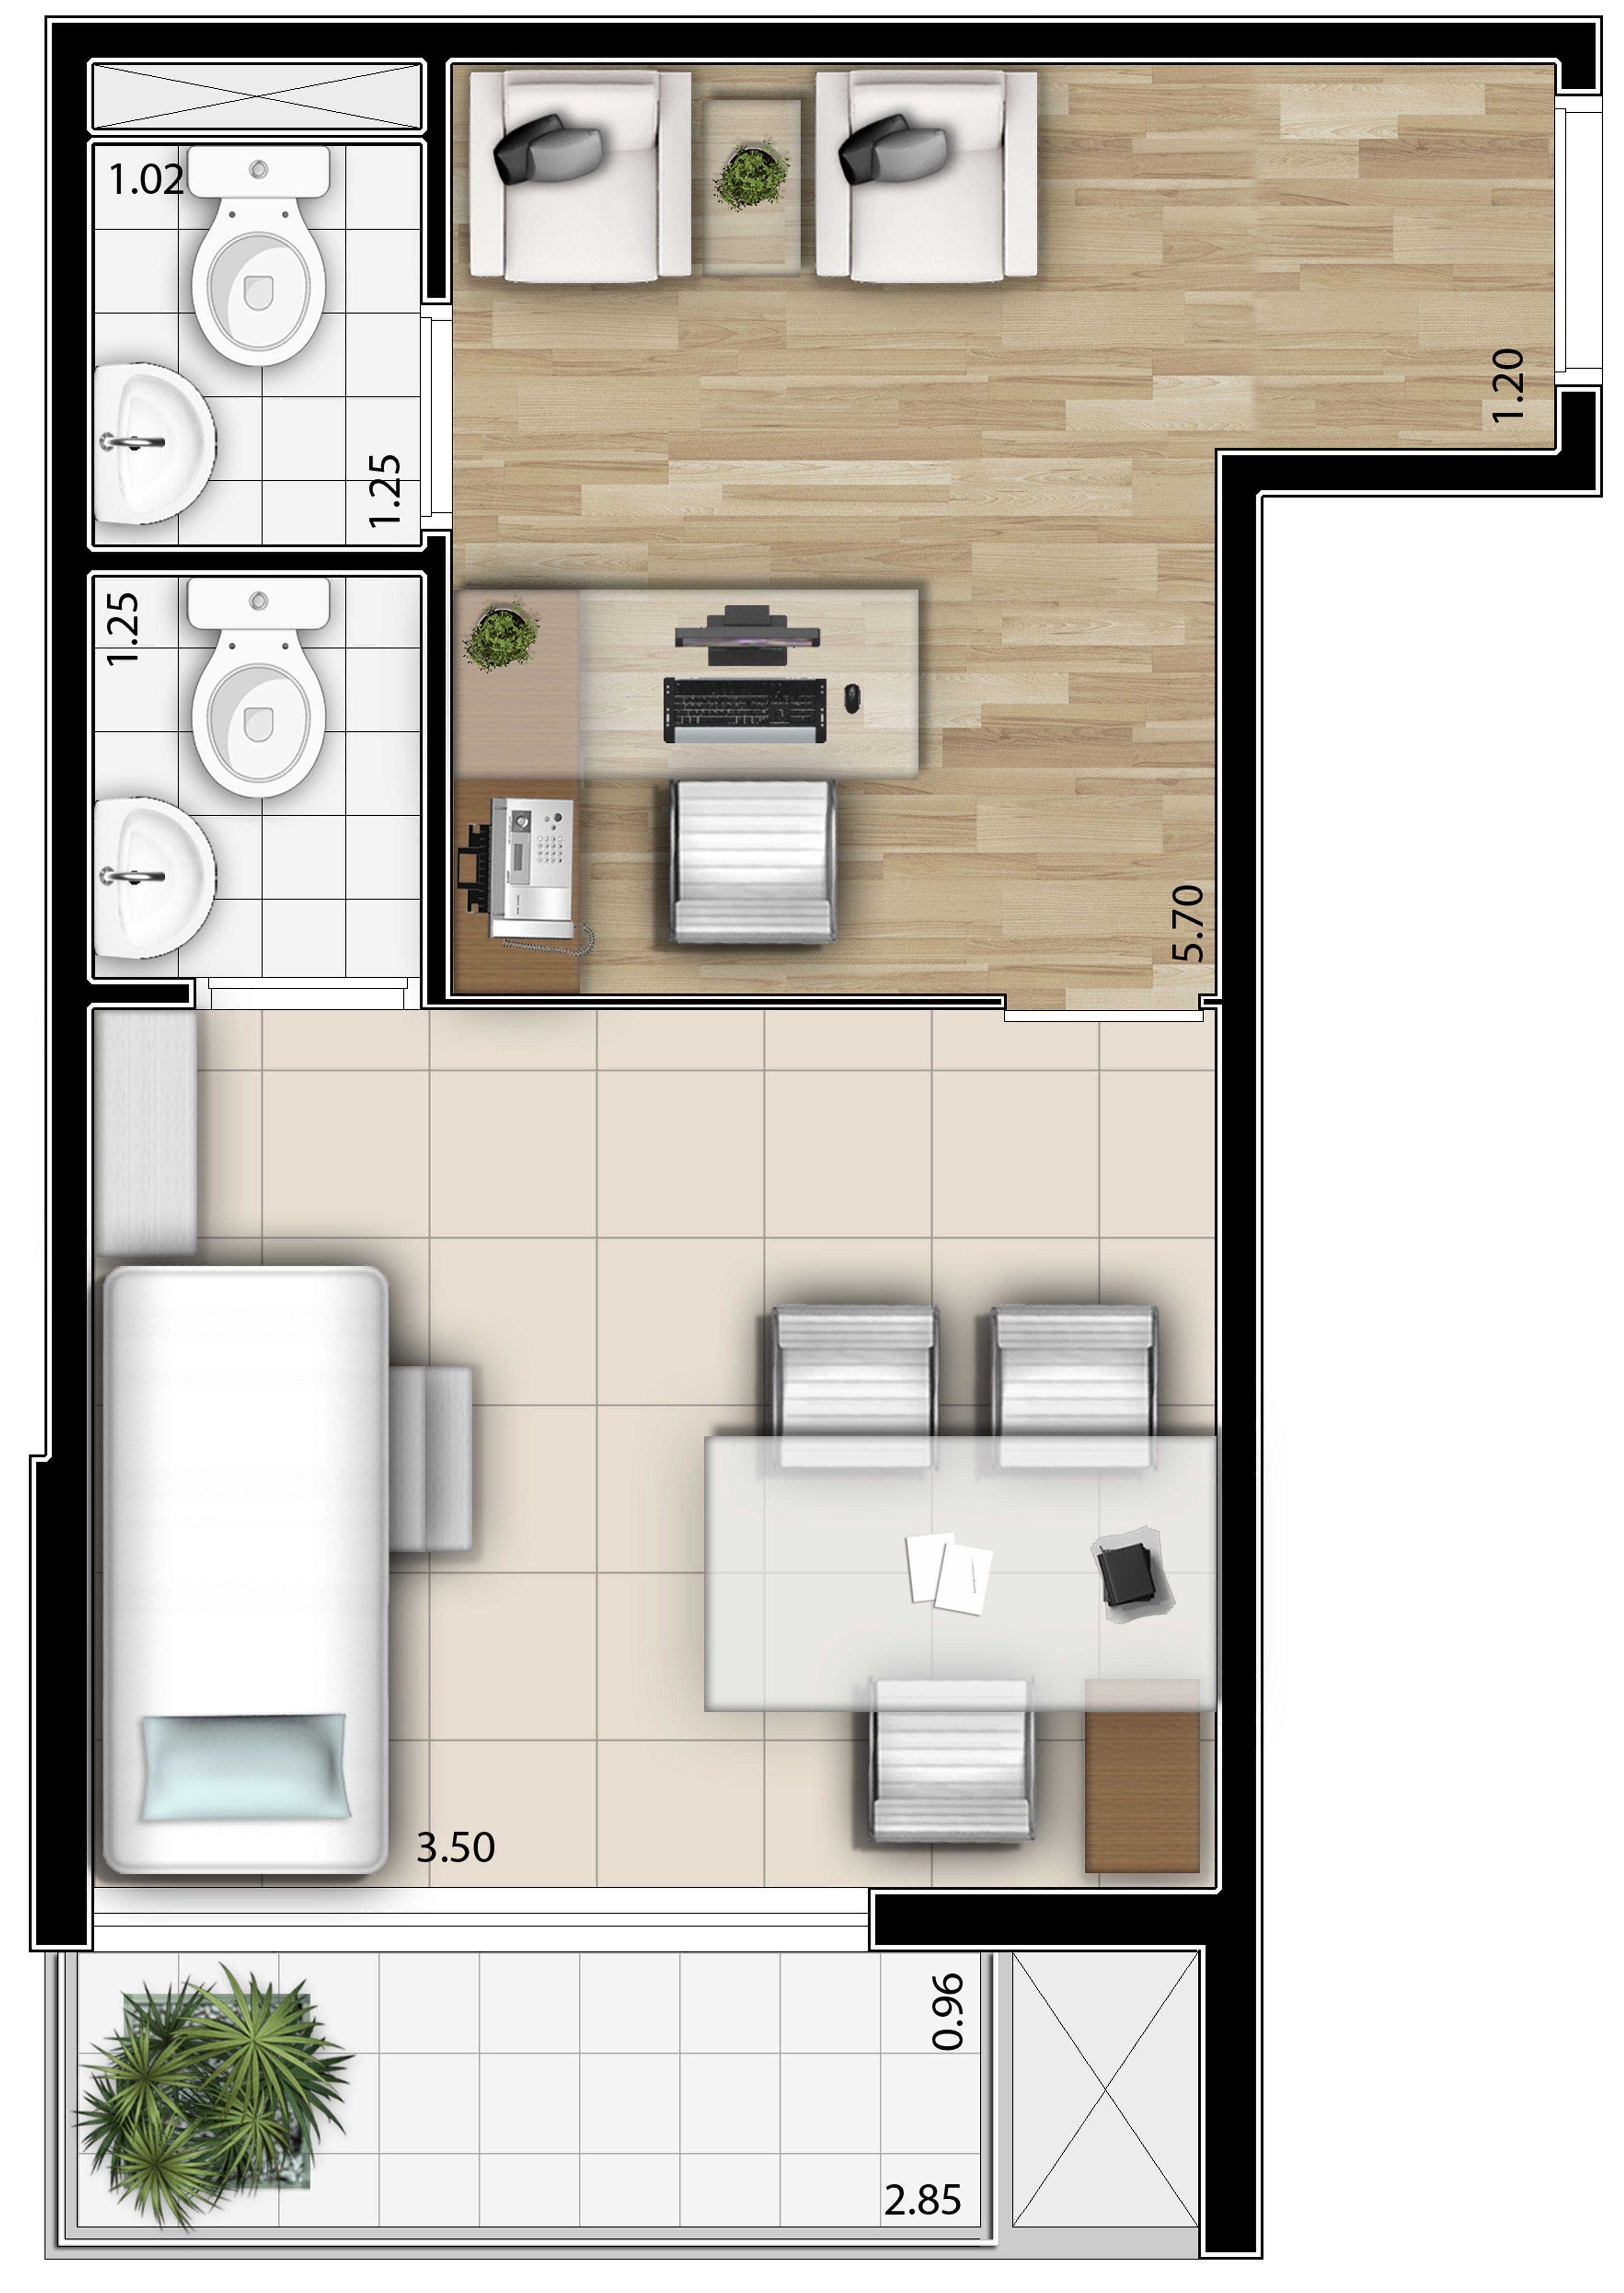 Evolution para so planta 27 m sugest o de decora o 1 for Planos de oficinas pequenas